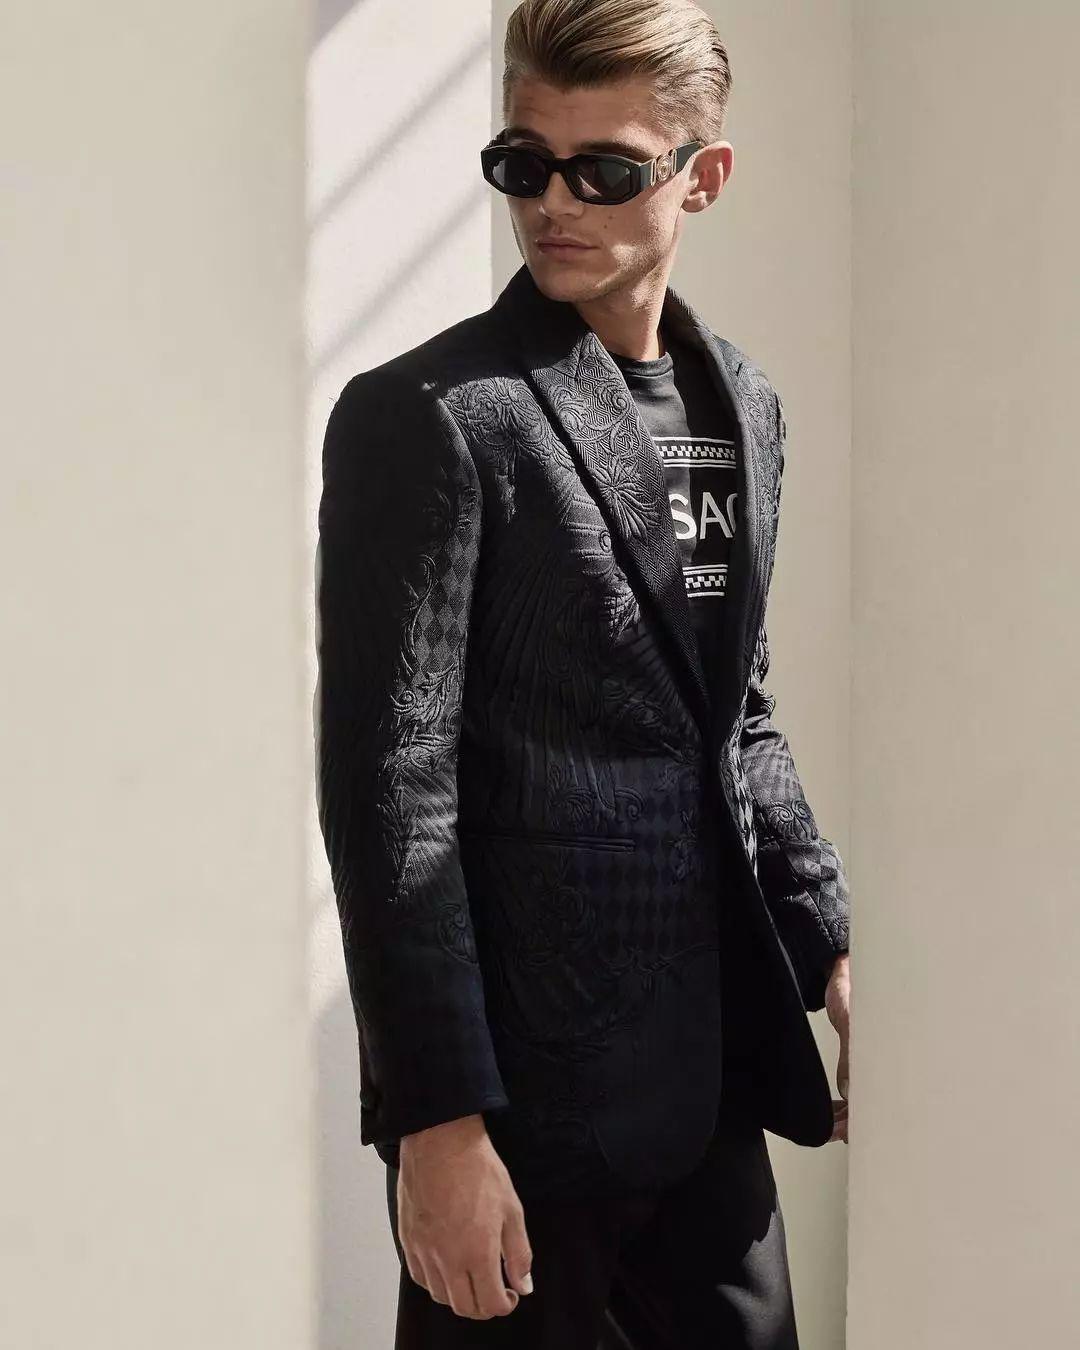 被嘲笑路人长相的搞笑网红Twan Kuyper,成为Versace代言人